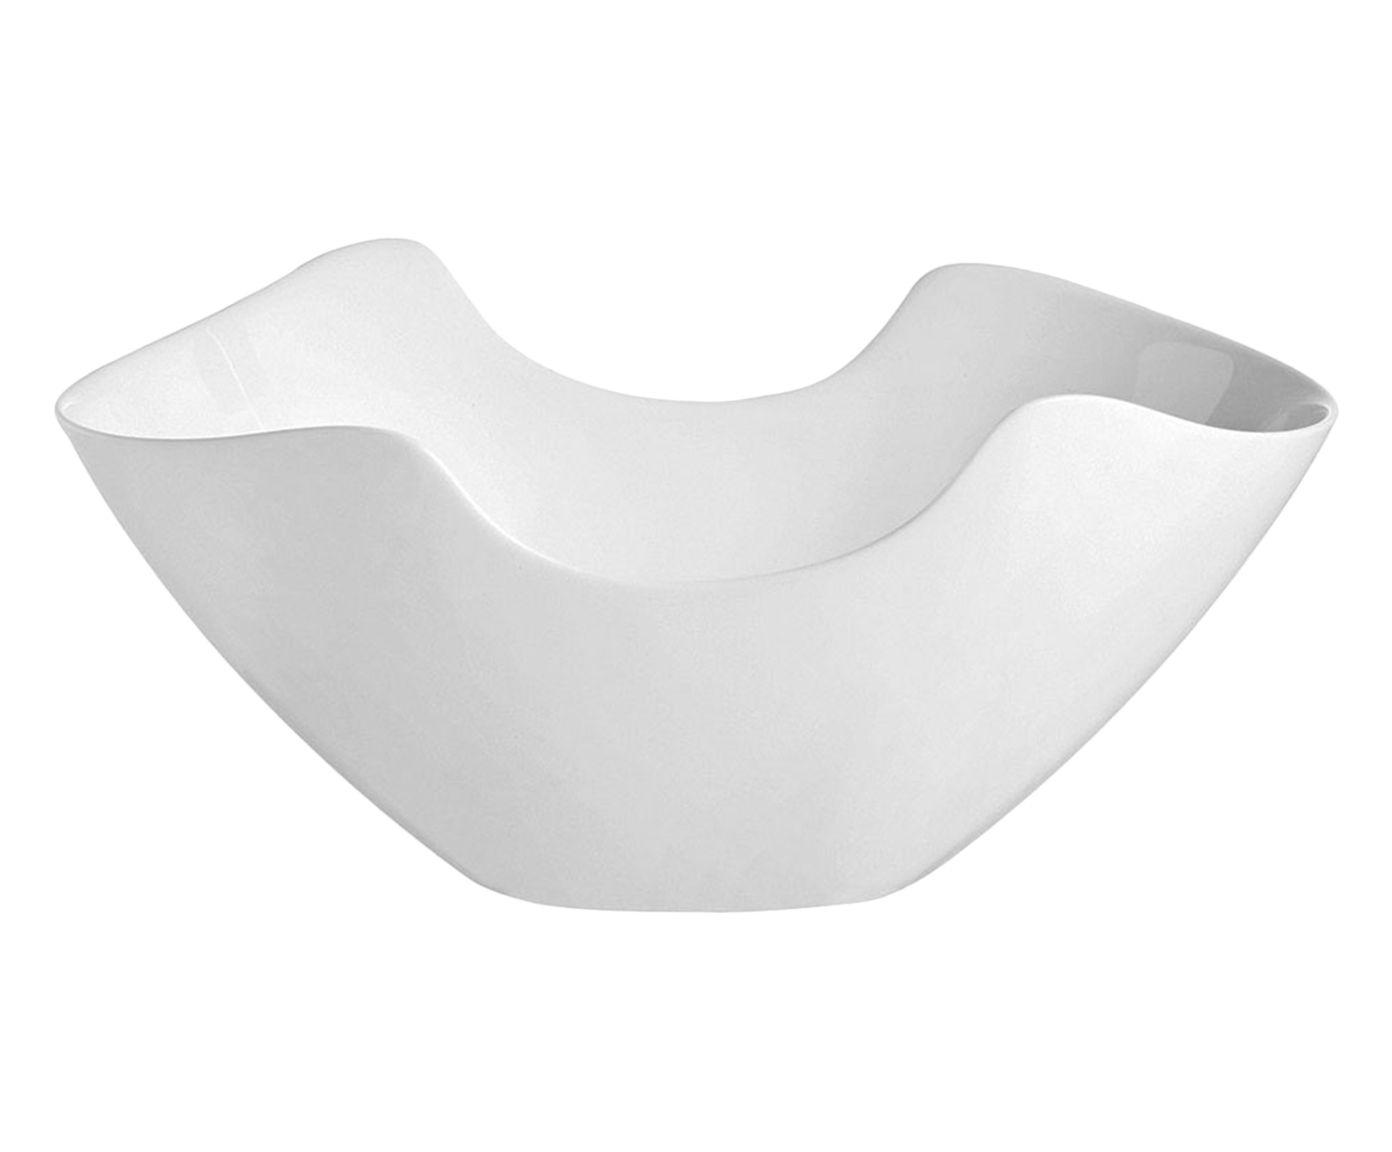 Saladeira Salenco Branca - 29X12,5X24,9cm | Westwing.com.br